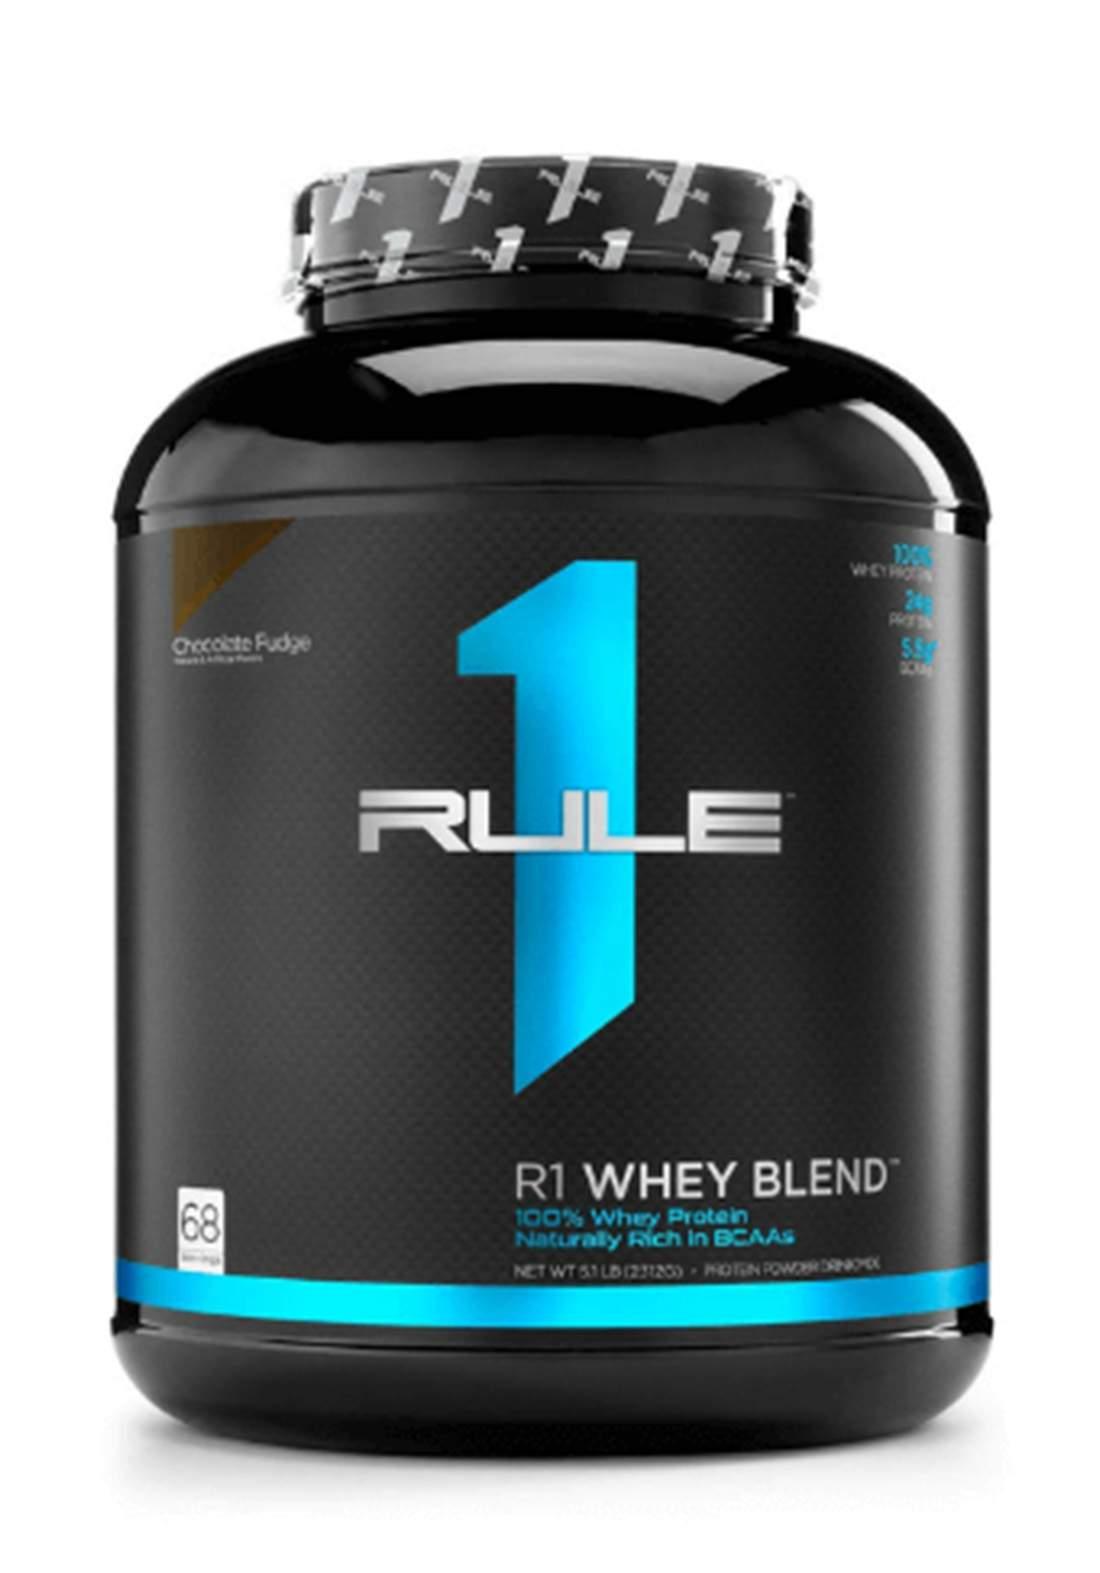 Rule One R1whey Blend Protein Powder - Chocolate Fudge 2312gm مسحوق البروتين